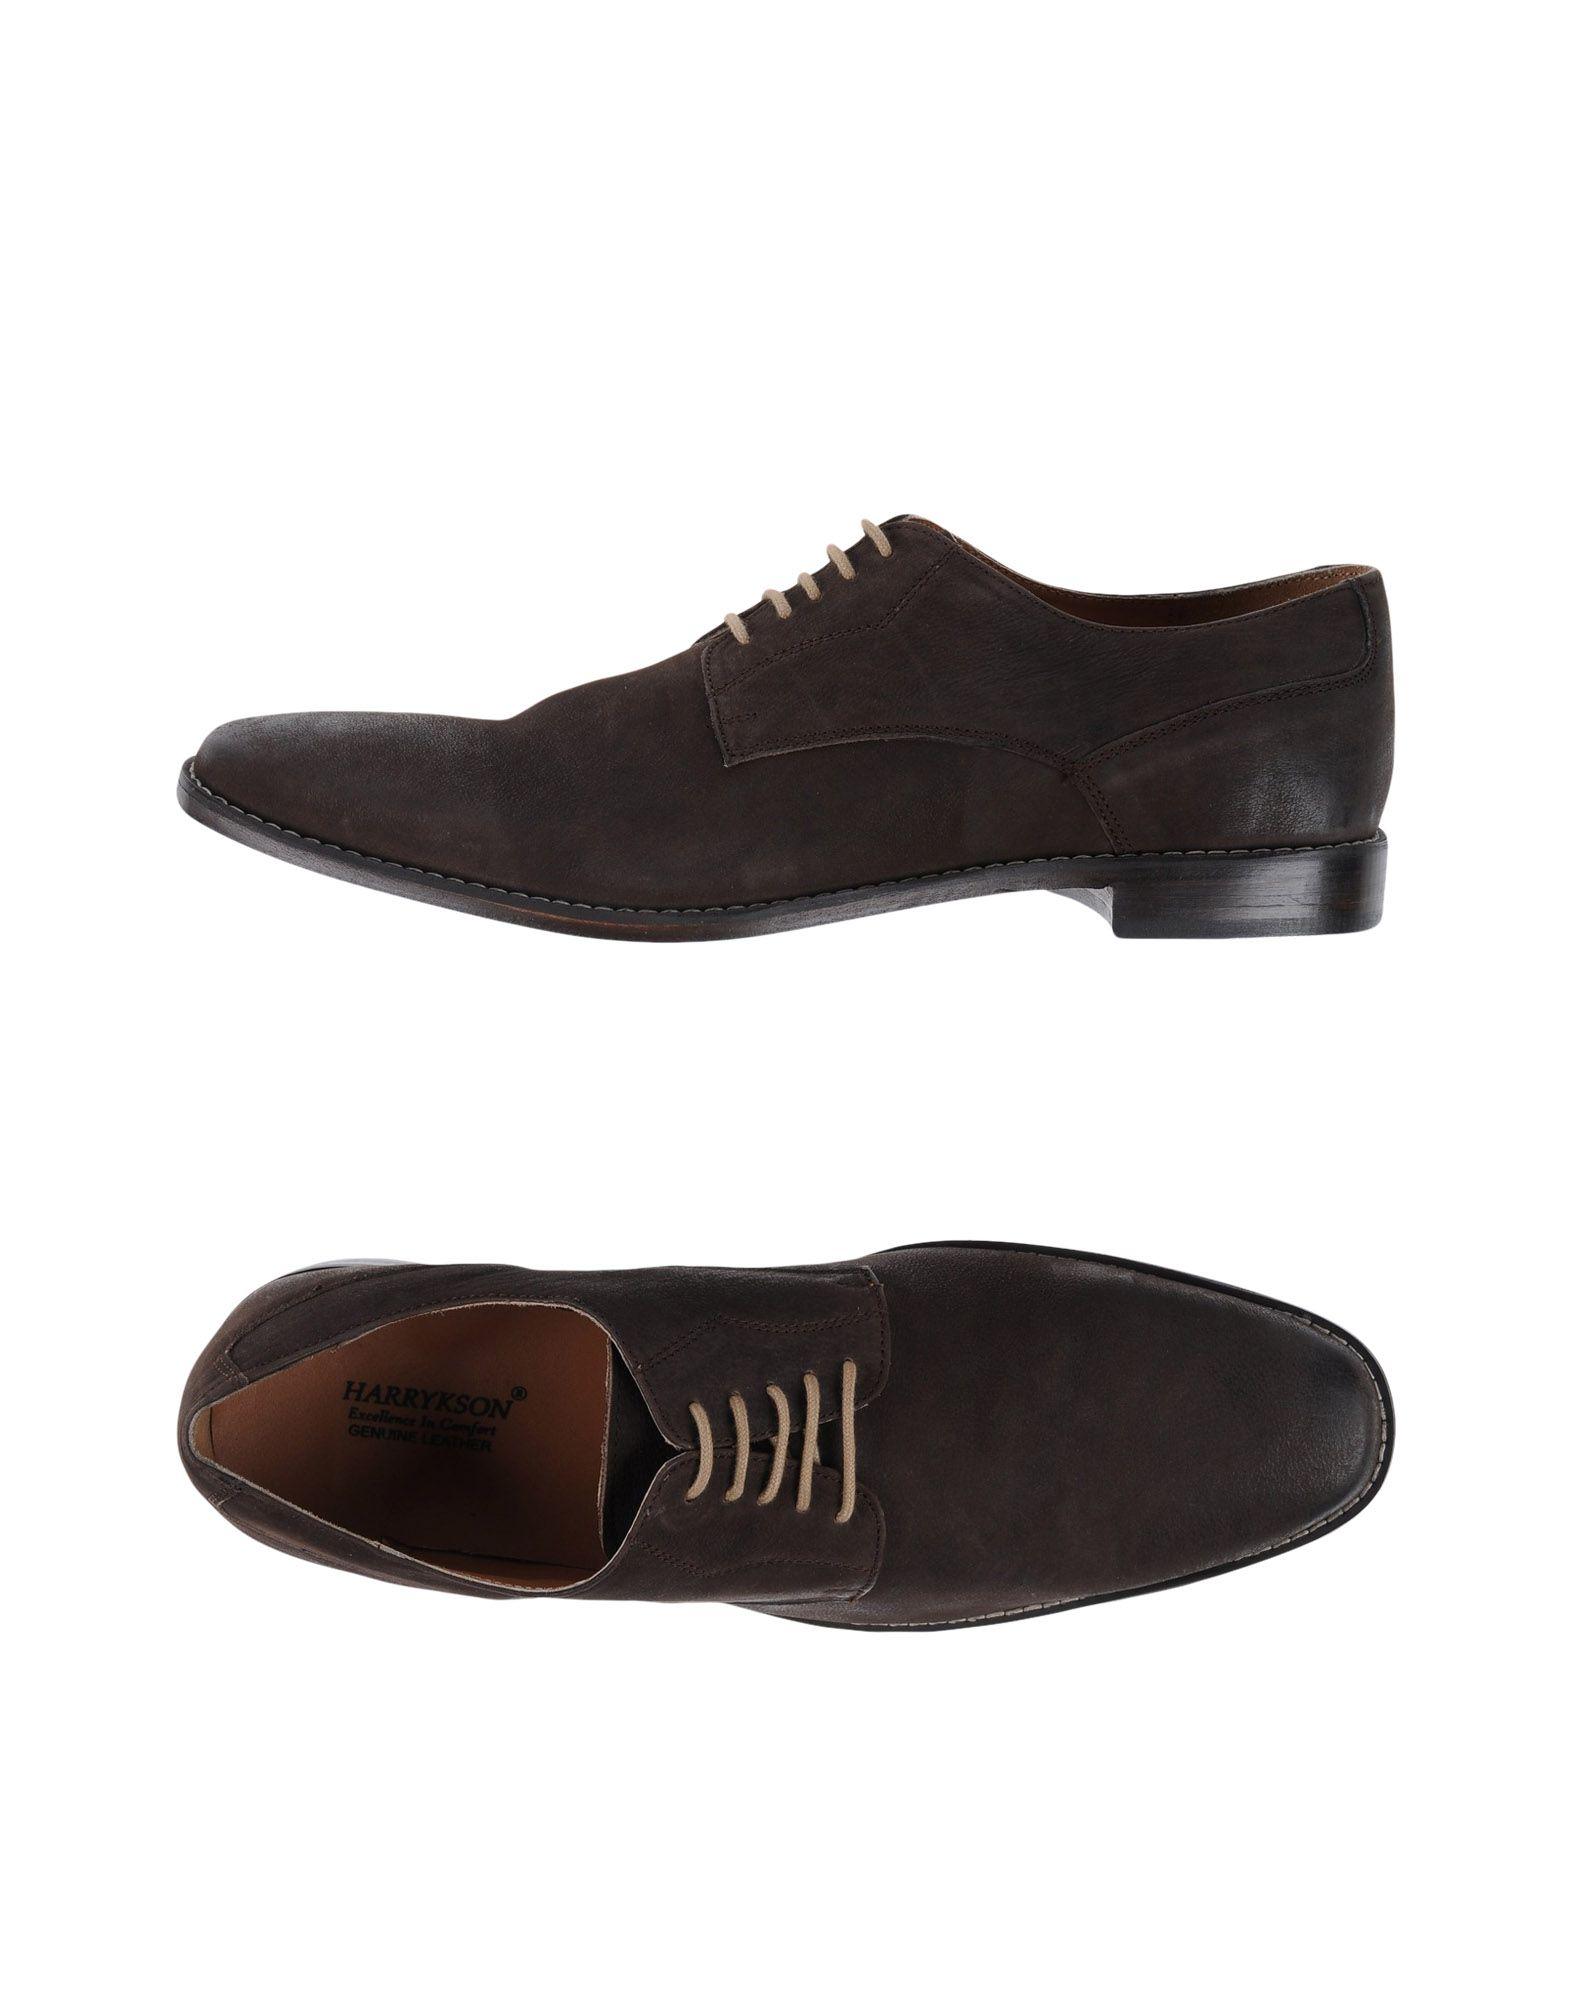 Rabatt echte Schnürschuhe Schuhe Harrykson® Schnürschuhe echte Herren  11075839SQ a6e66b